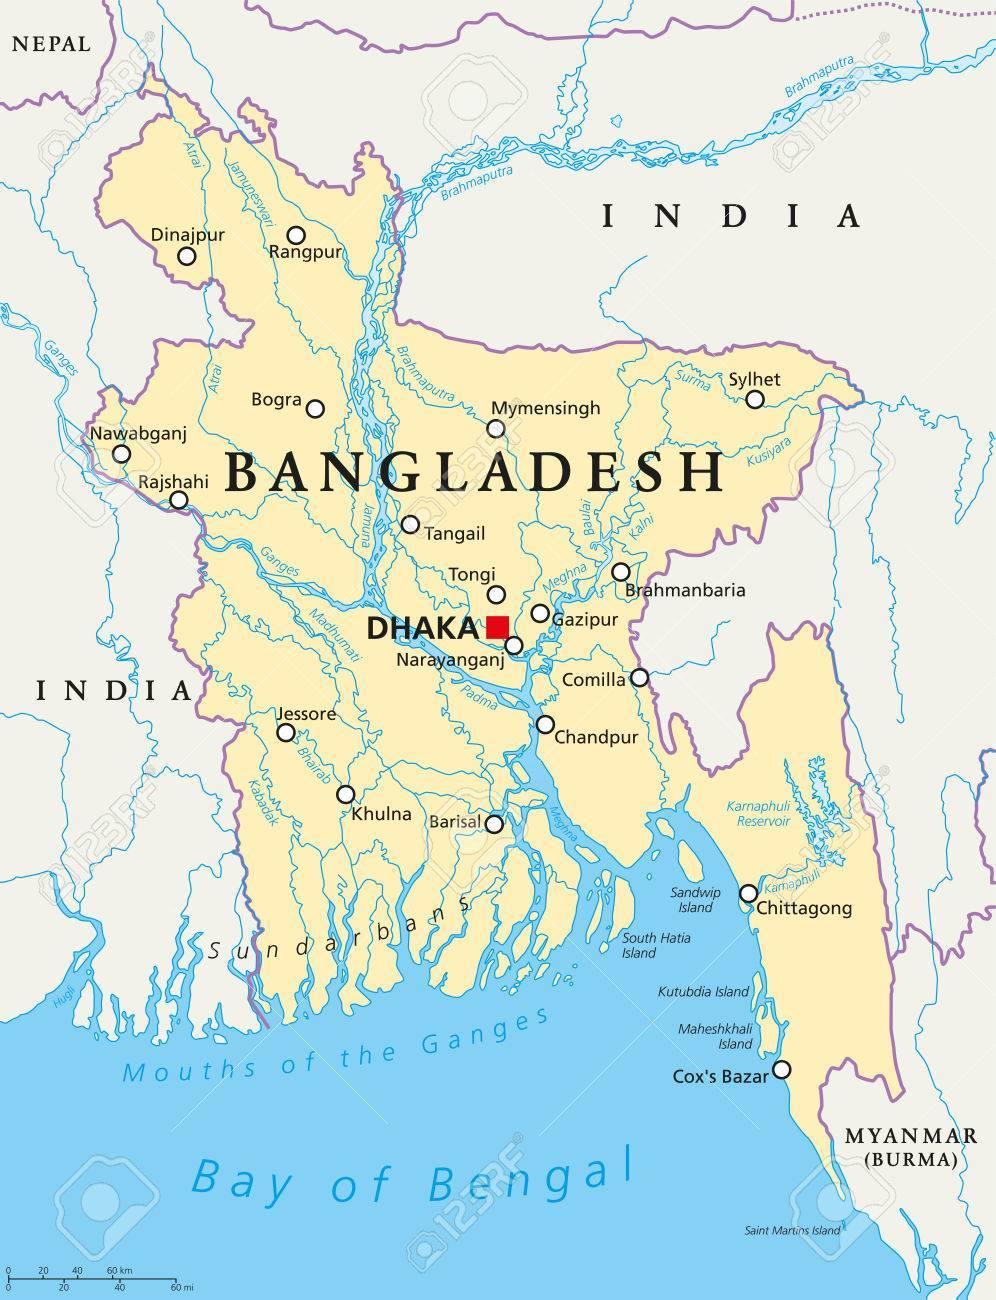 60593675-バングラデシュ首都ダッカ、国境、重要な都市、河川や湖沼での政治地図。英語のラベルします。イラスト。